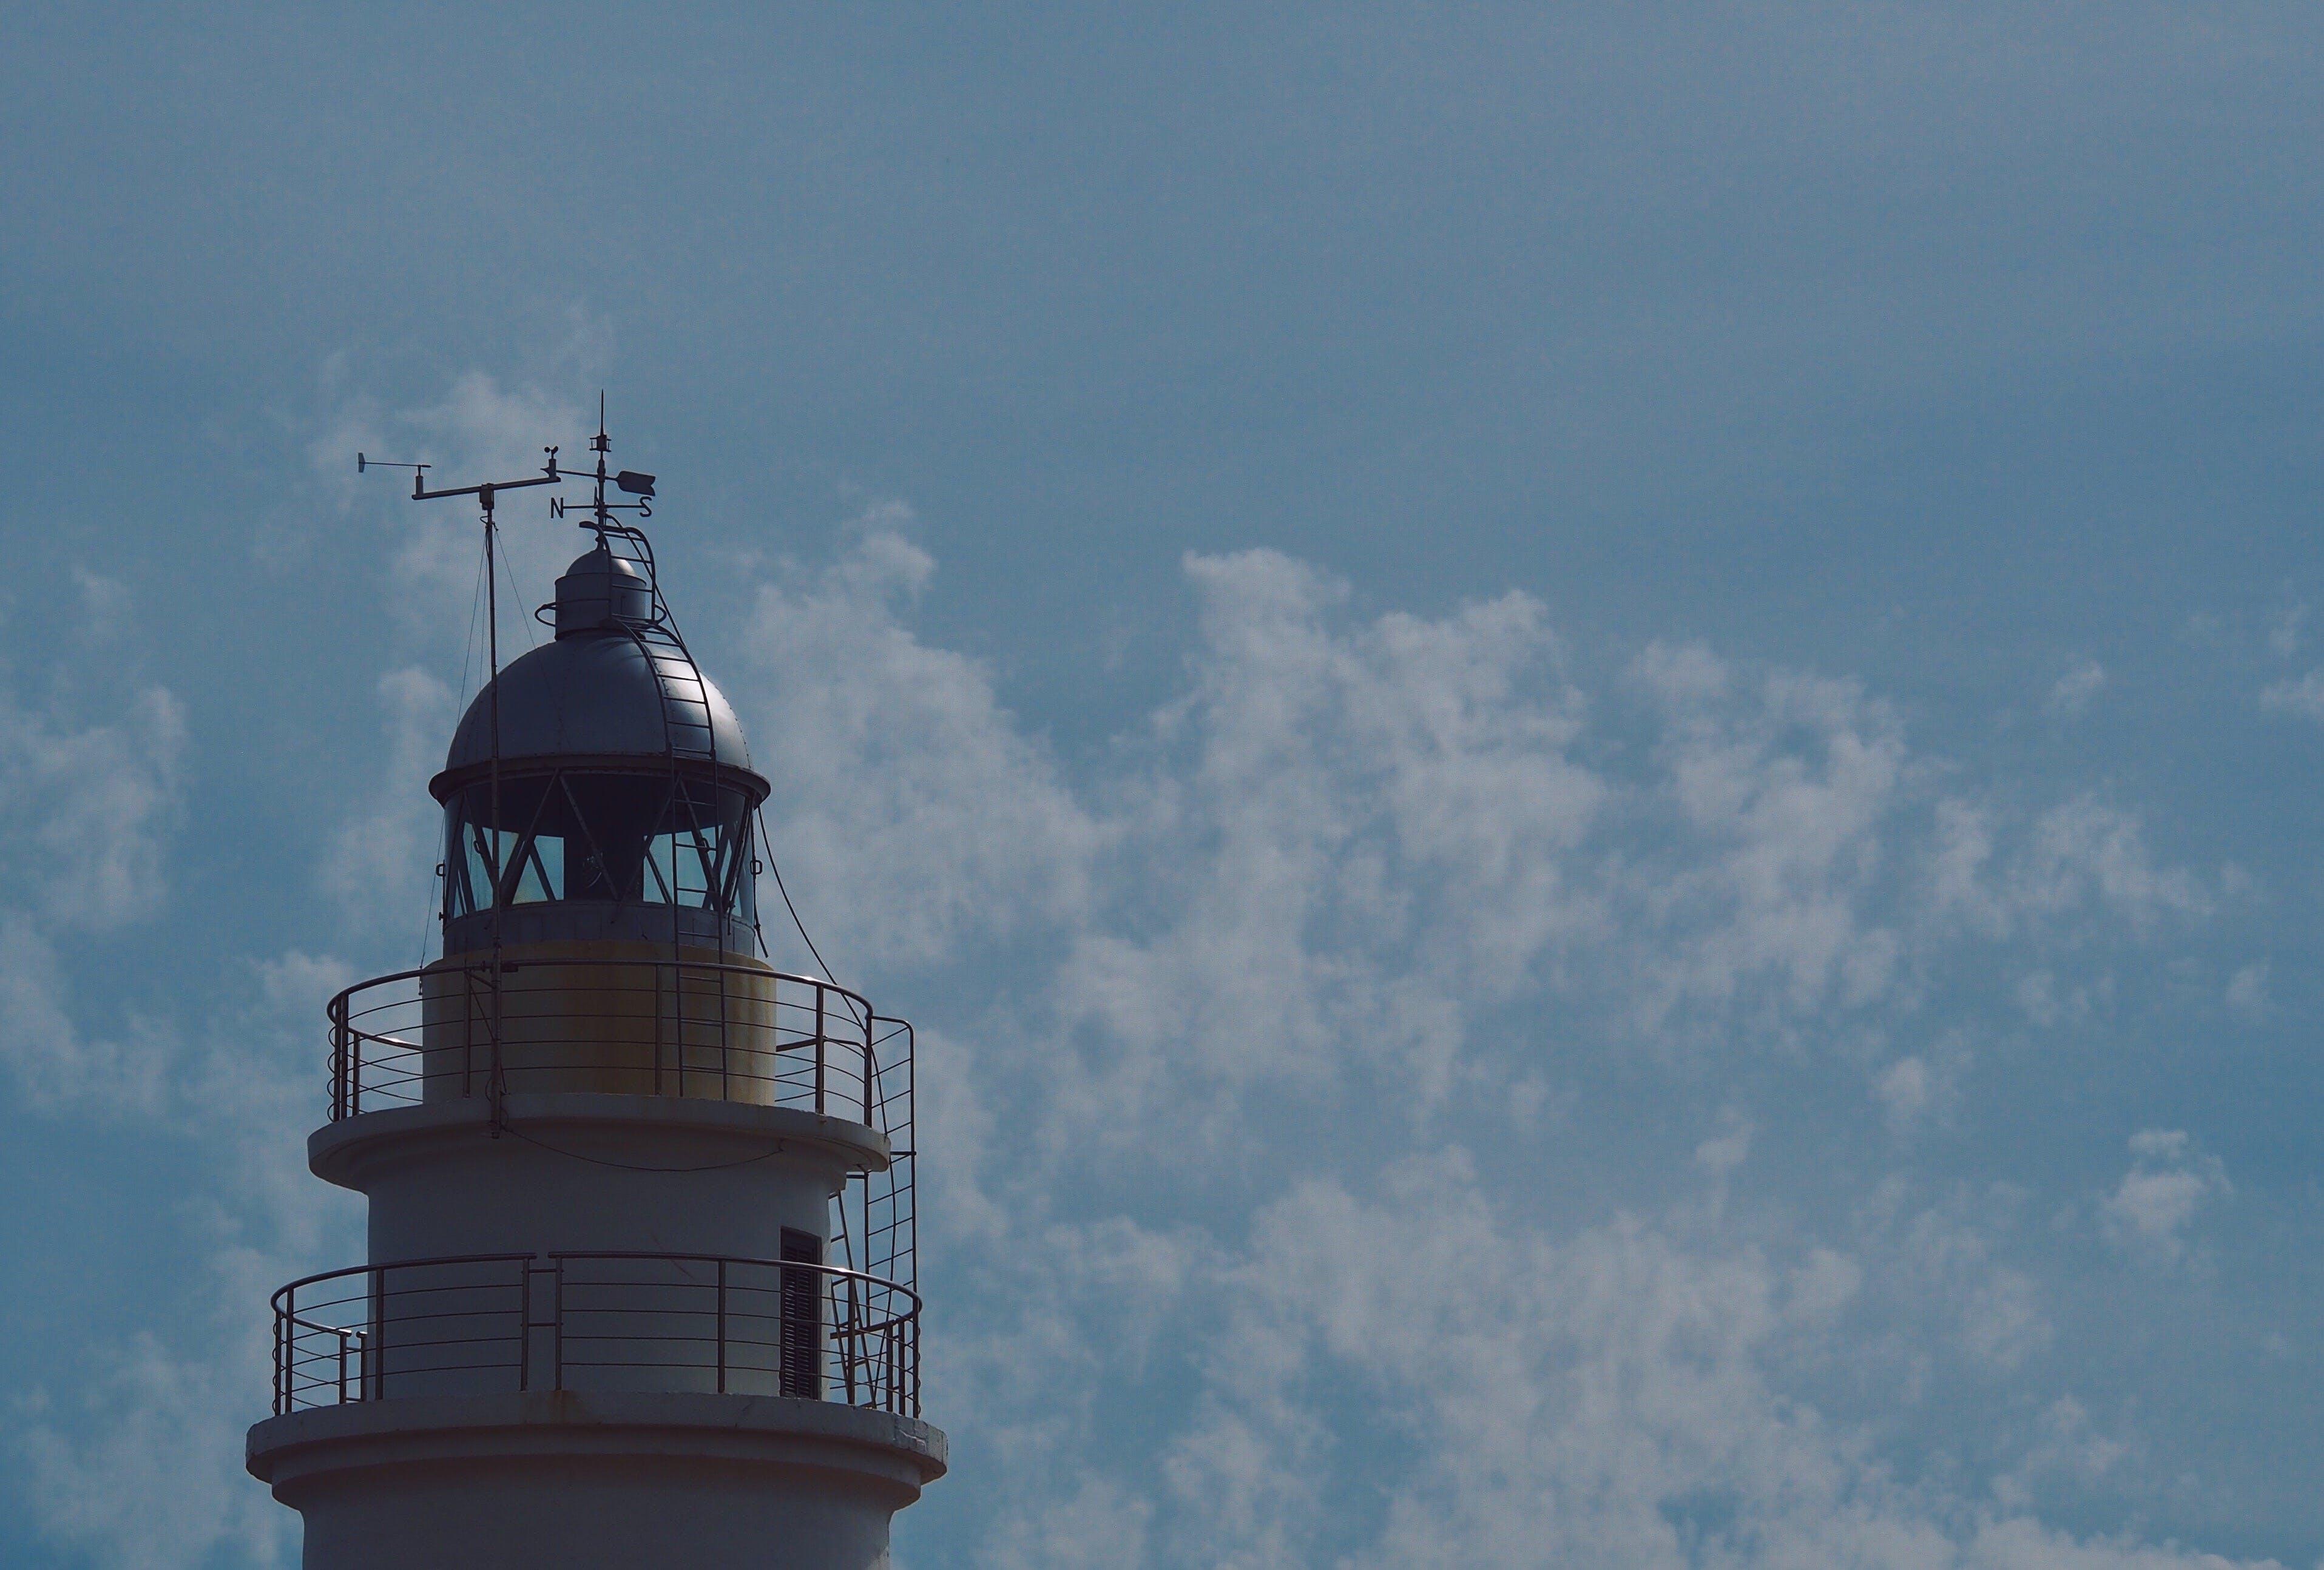 Darmowe zdjęcie z galerii z architektura, budynek, błękitne niebo, chmury